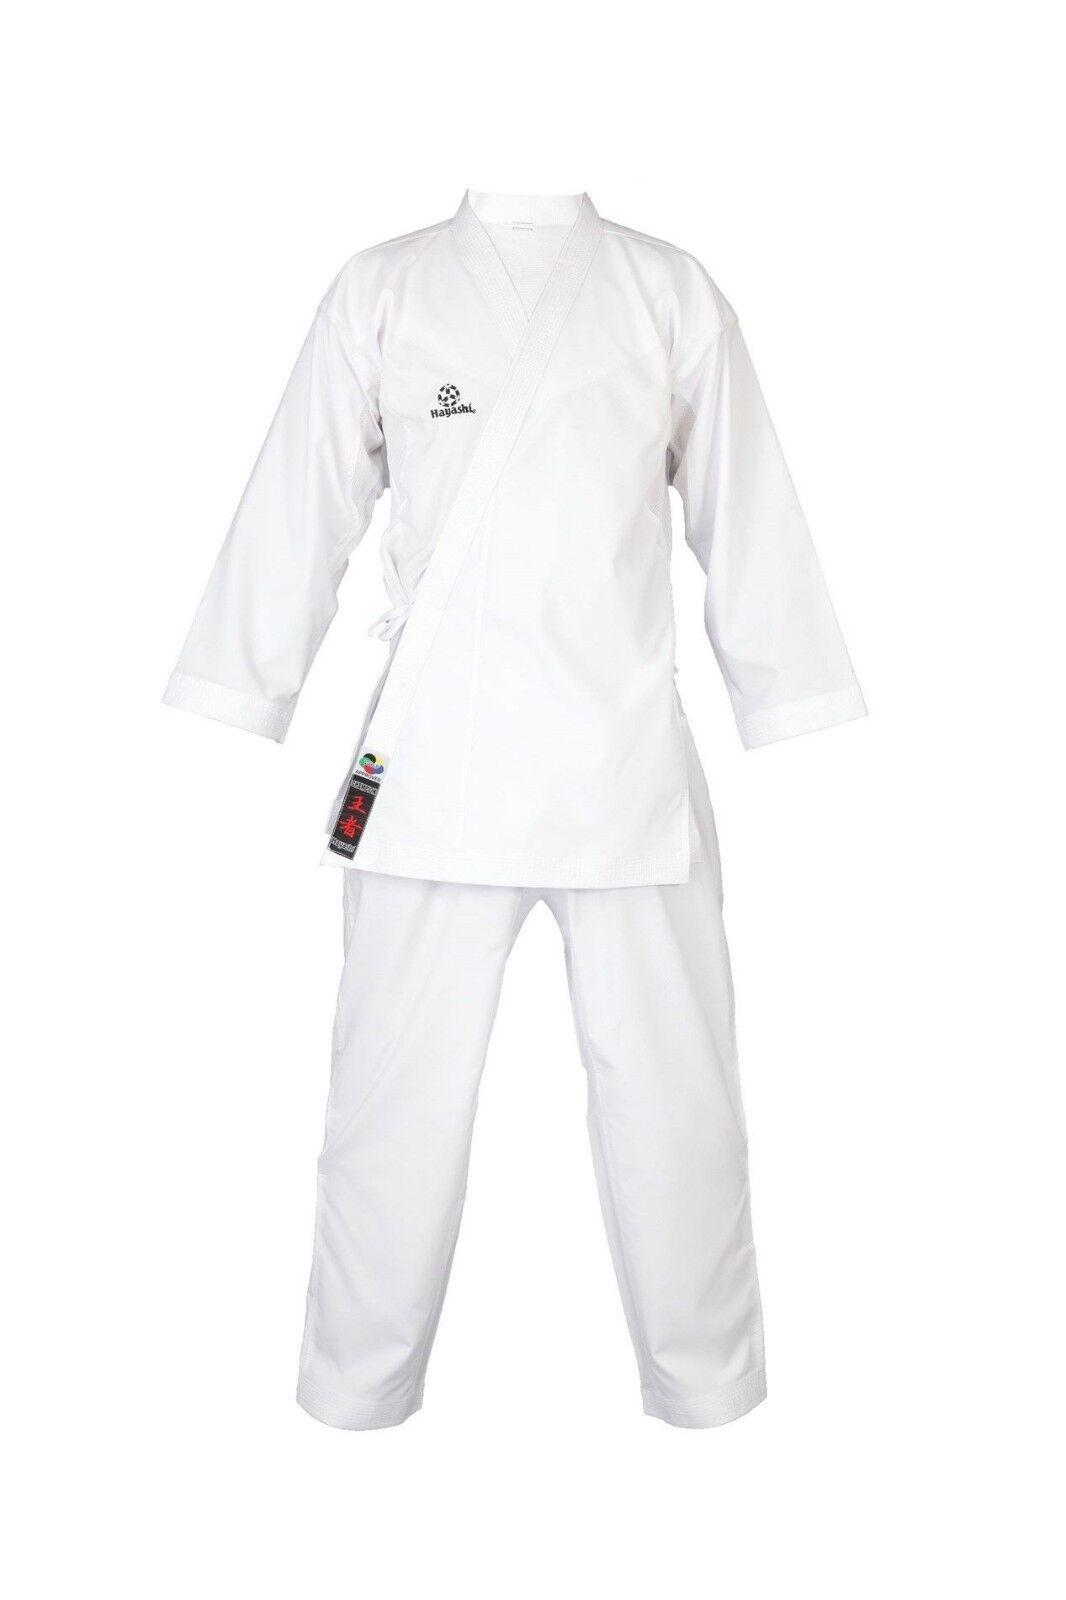 Karategi HAYASHI Kumite Champion Champion Champion FLEXZ. Größe  180 oder 185cm Karateanzug, WKF  | Won hoch geschätzt und weithin vertraut im in- und Ausland vertraut  | Großer Verkauf  f81bb8